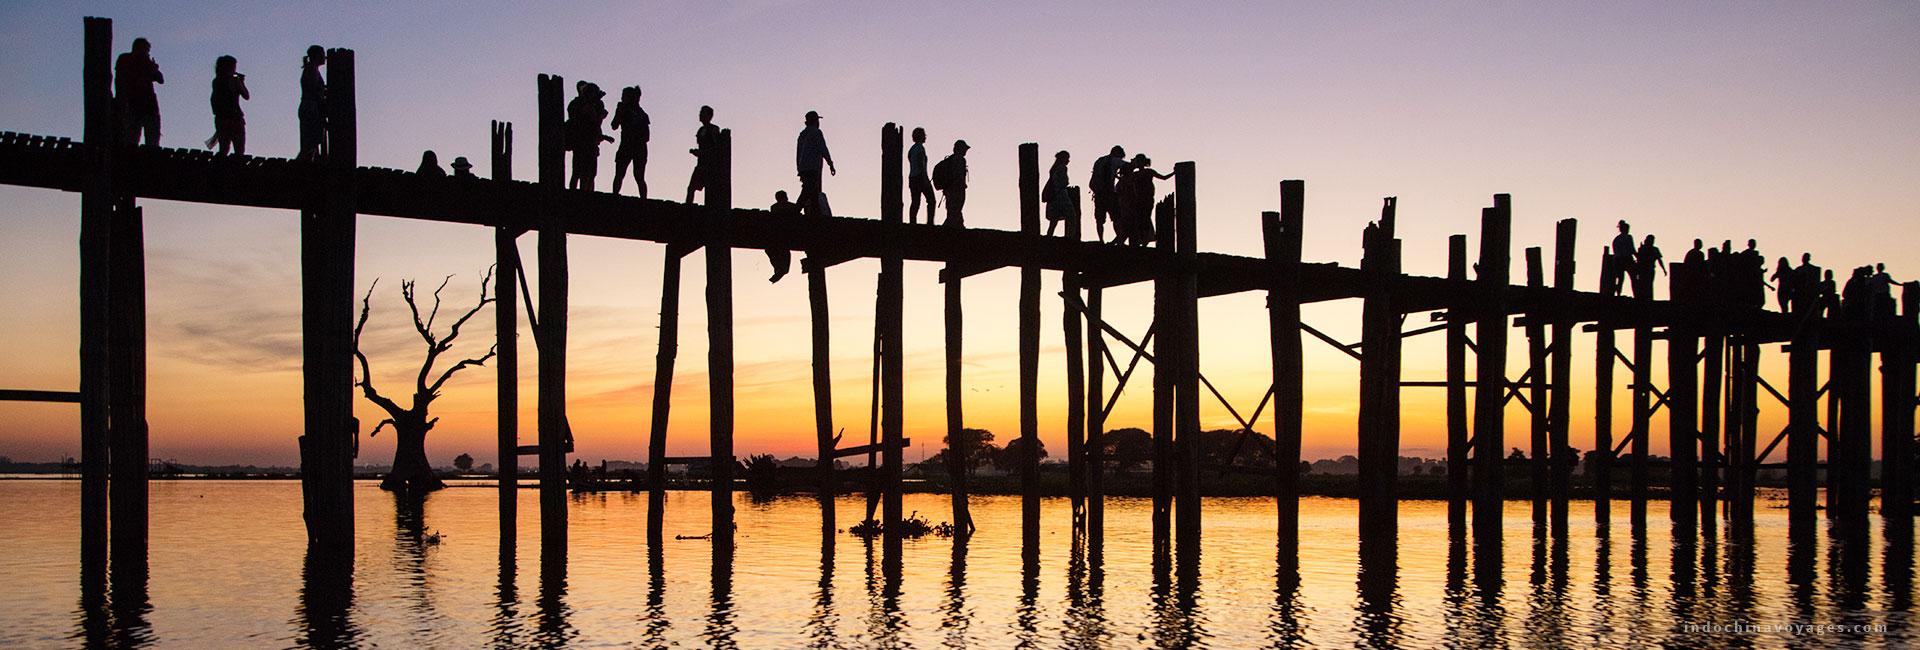 U Bein bridge – The symbol of Myanmar